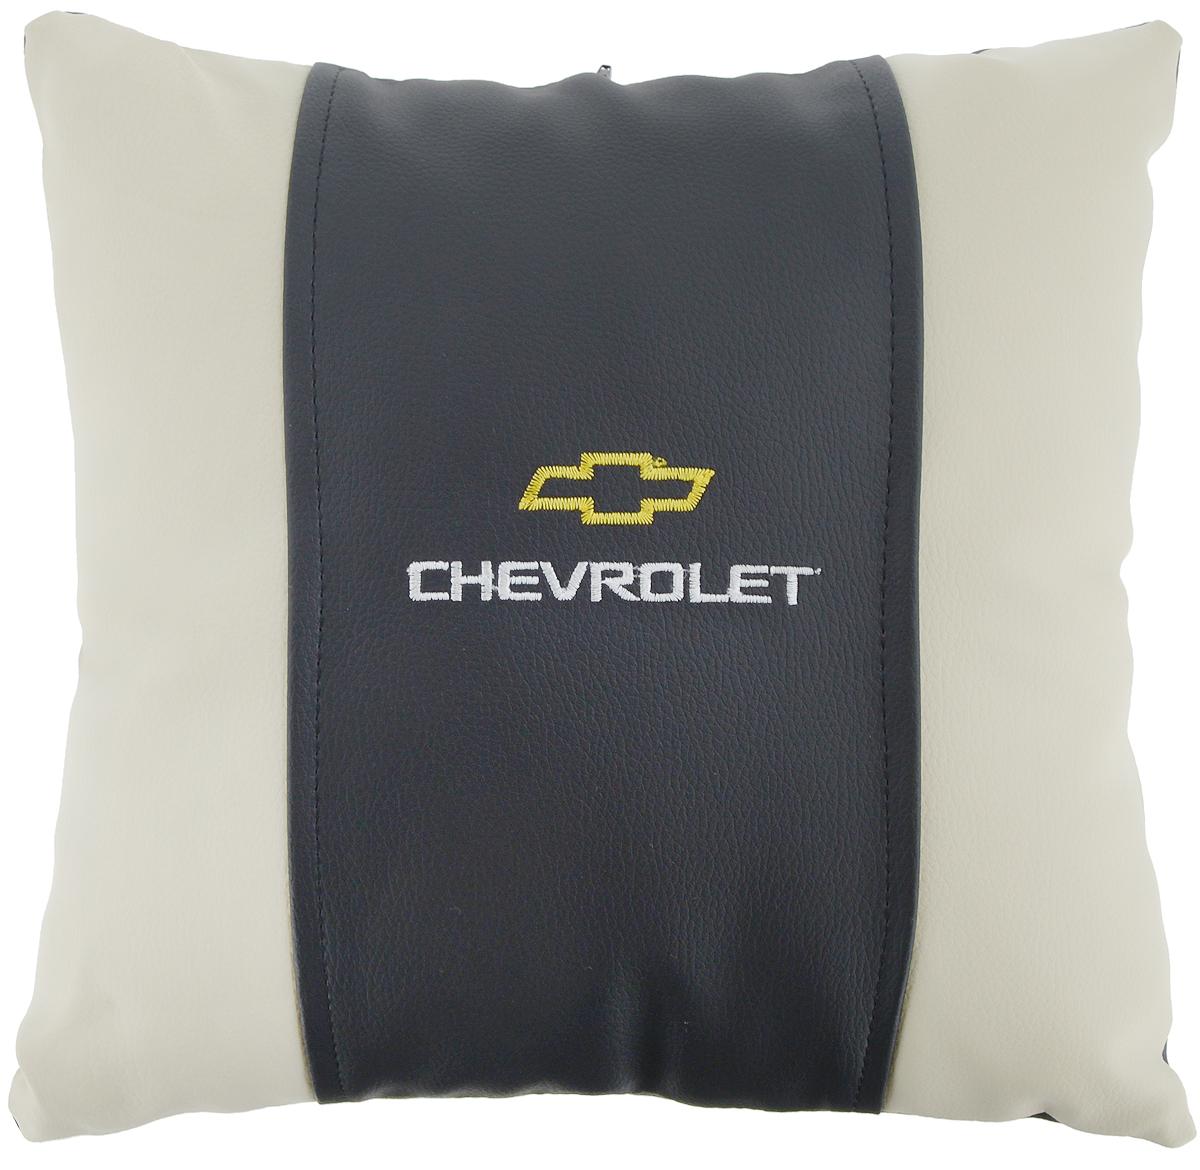 Подушка на сиденье Autoparts Chevrolet, 30 х 30 см1004900000360Подушка на сиденье Autoparts Chevrolet создана для тех, кто весь свой день вынужден проводить за рулем. Чехол выполнен из высококачественной дышащей экокожи. Наполнителем служит холлофайбер. На задней части подушки имеется змейка.Особенности подушки:- Хорошо проветривается.- Предупреждает потение.- Поддерживает комфортную температуру.- Обминается по форме тела.- Улучшает кровообращение.- Исключает затечные явления.- Предупреждает развитие заболеваний, связанных с сидячим образом жизни. Подушка также будет полезна и дома - при работе за компьютером, школьникам - при выполнении домашних работ, да и в любимом кресле перед телевизором.